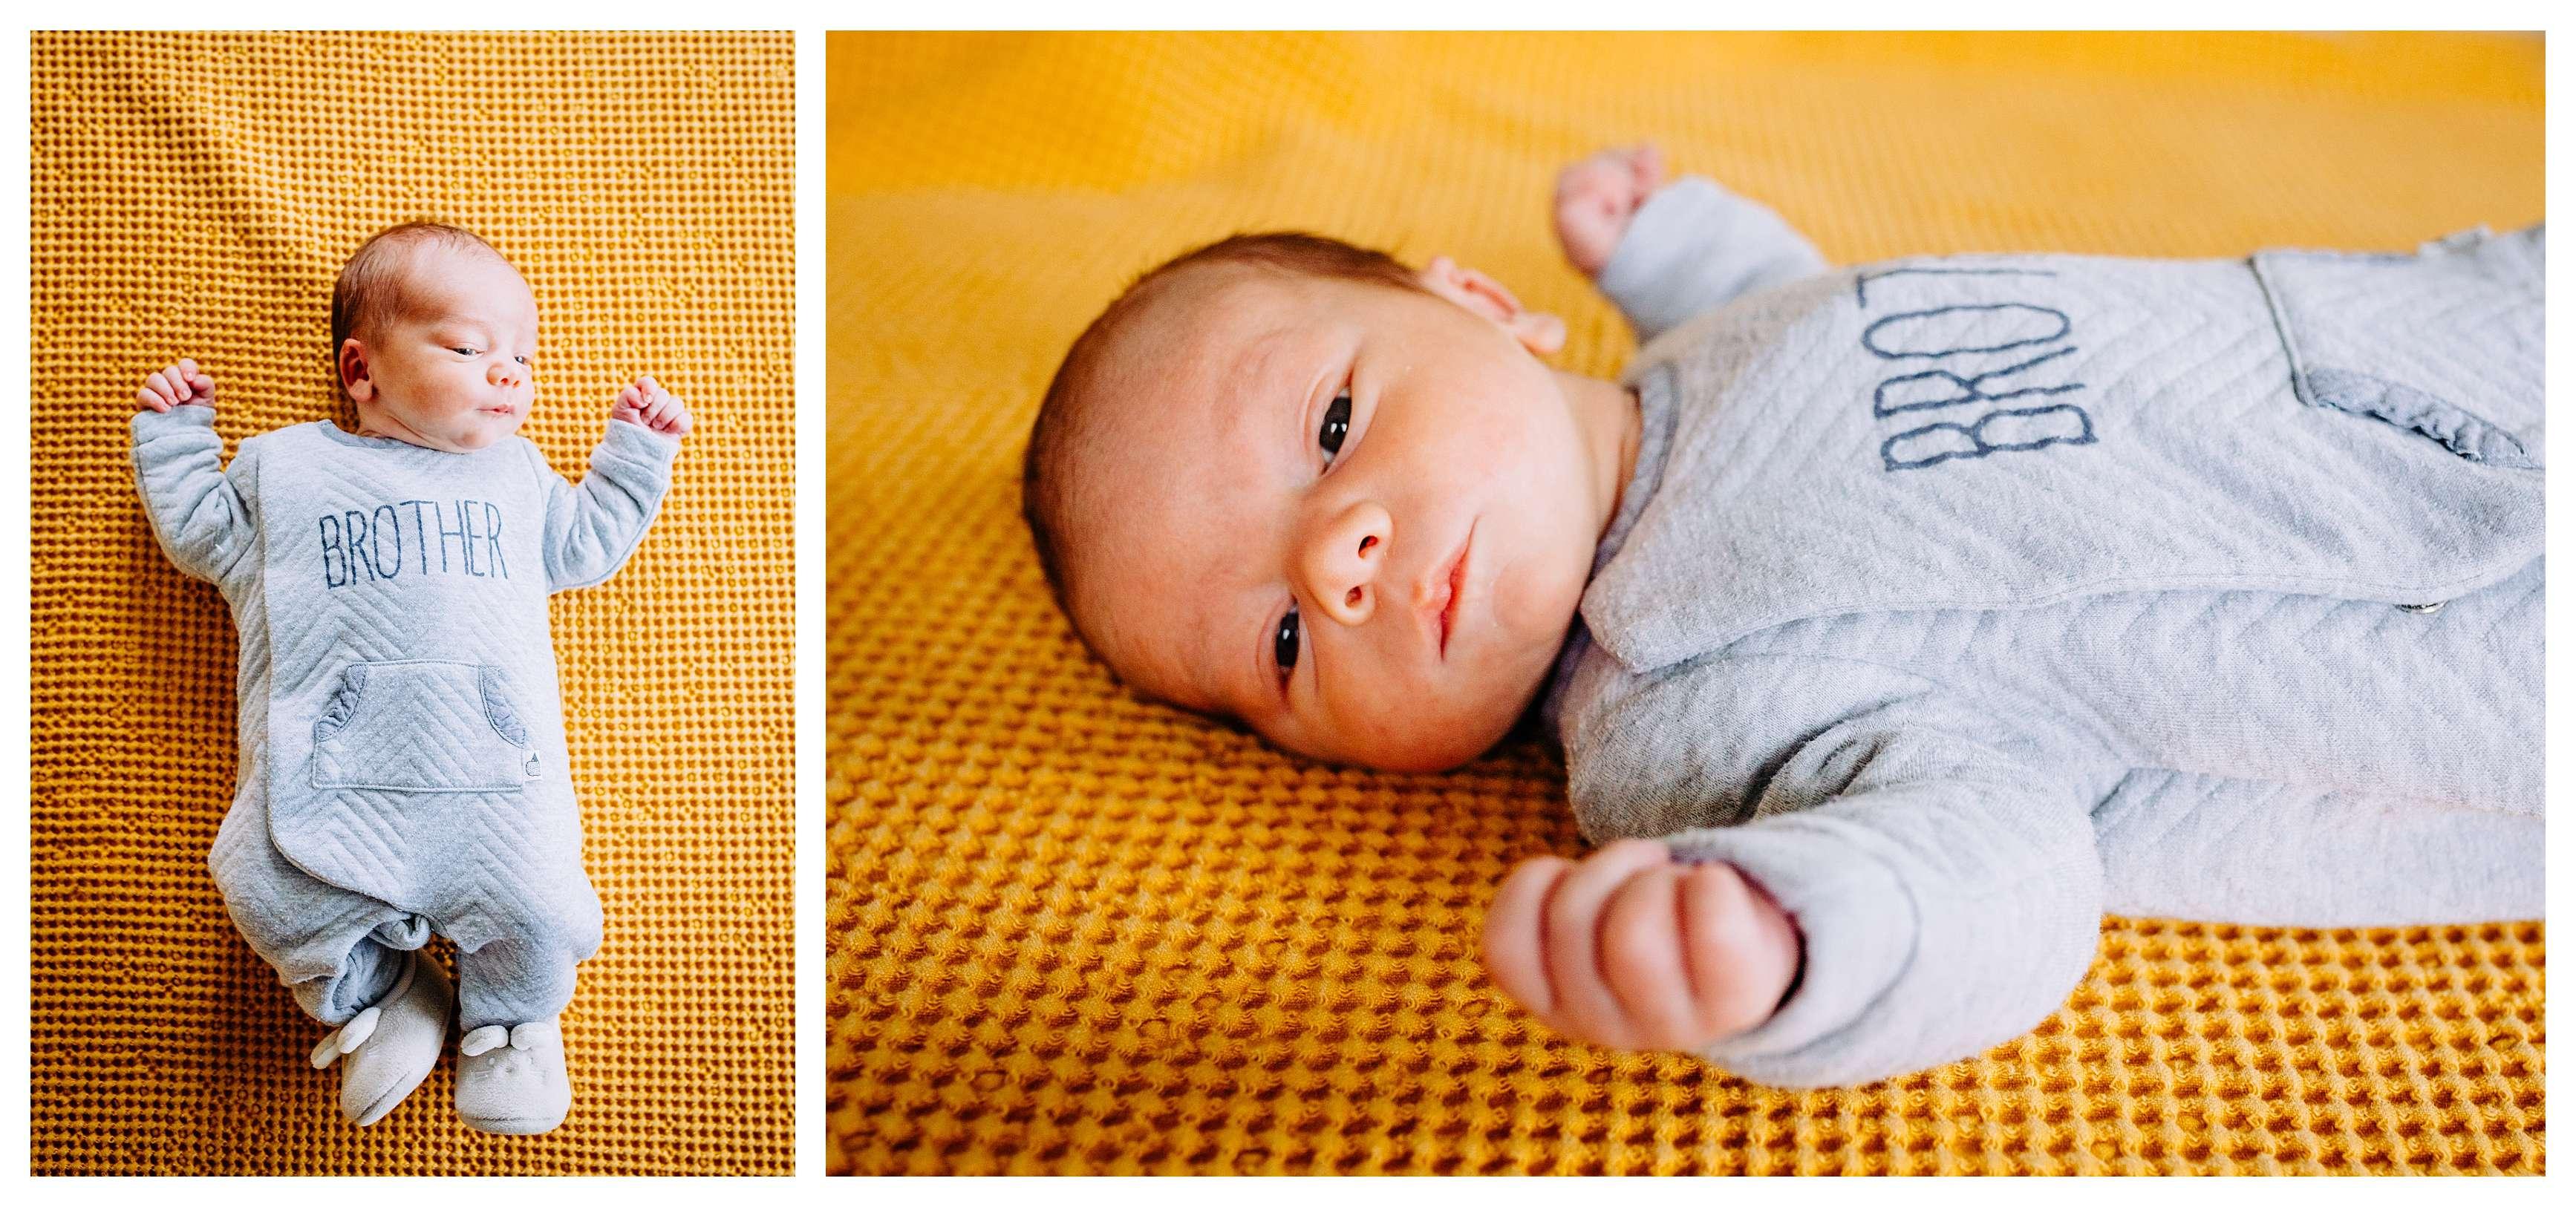 Nouveau né allongé sur couverture jaune pour une photo